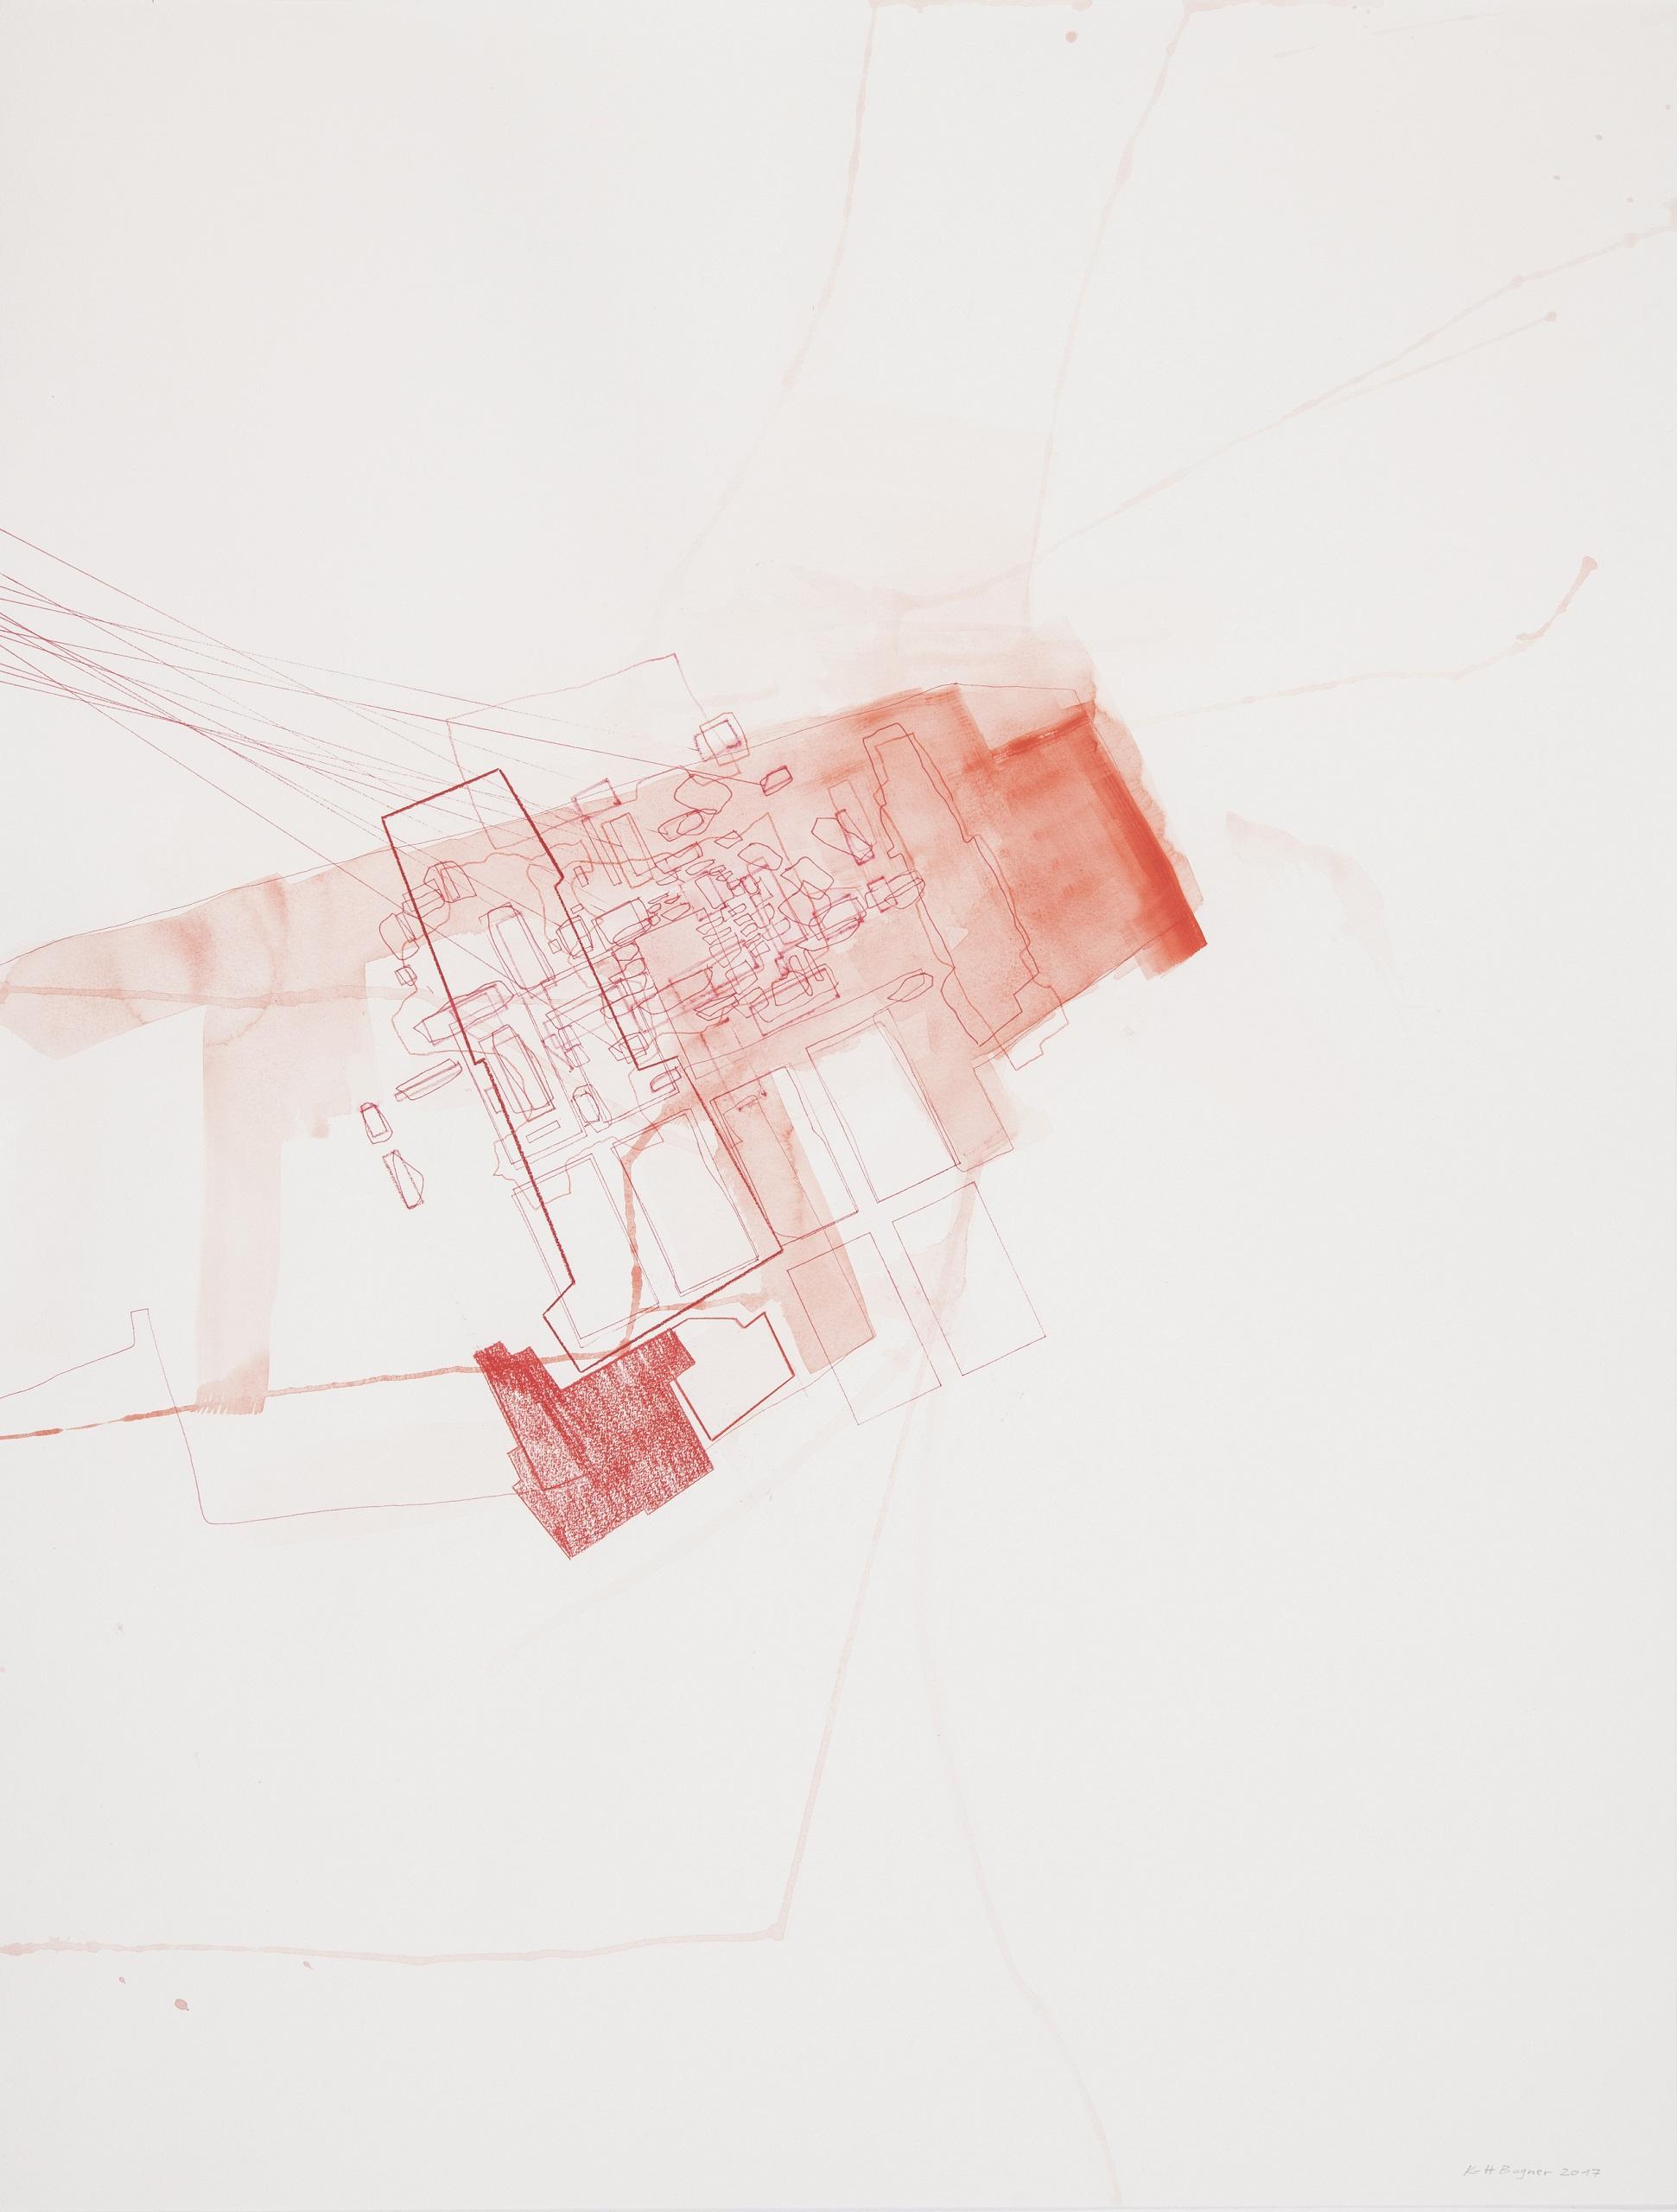 Karl-Heinz Bogner, Ohne Titel, 2017, Mischtechnik auf Papier, 84 x 64 cm